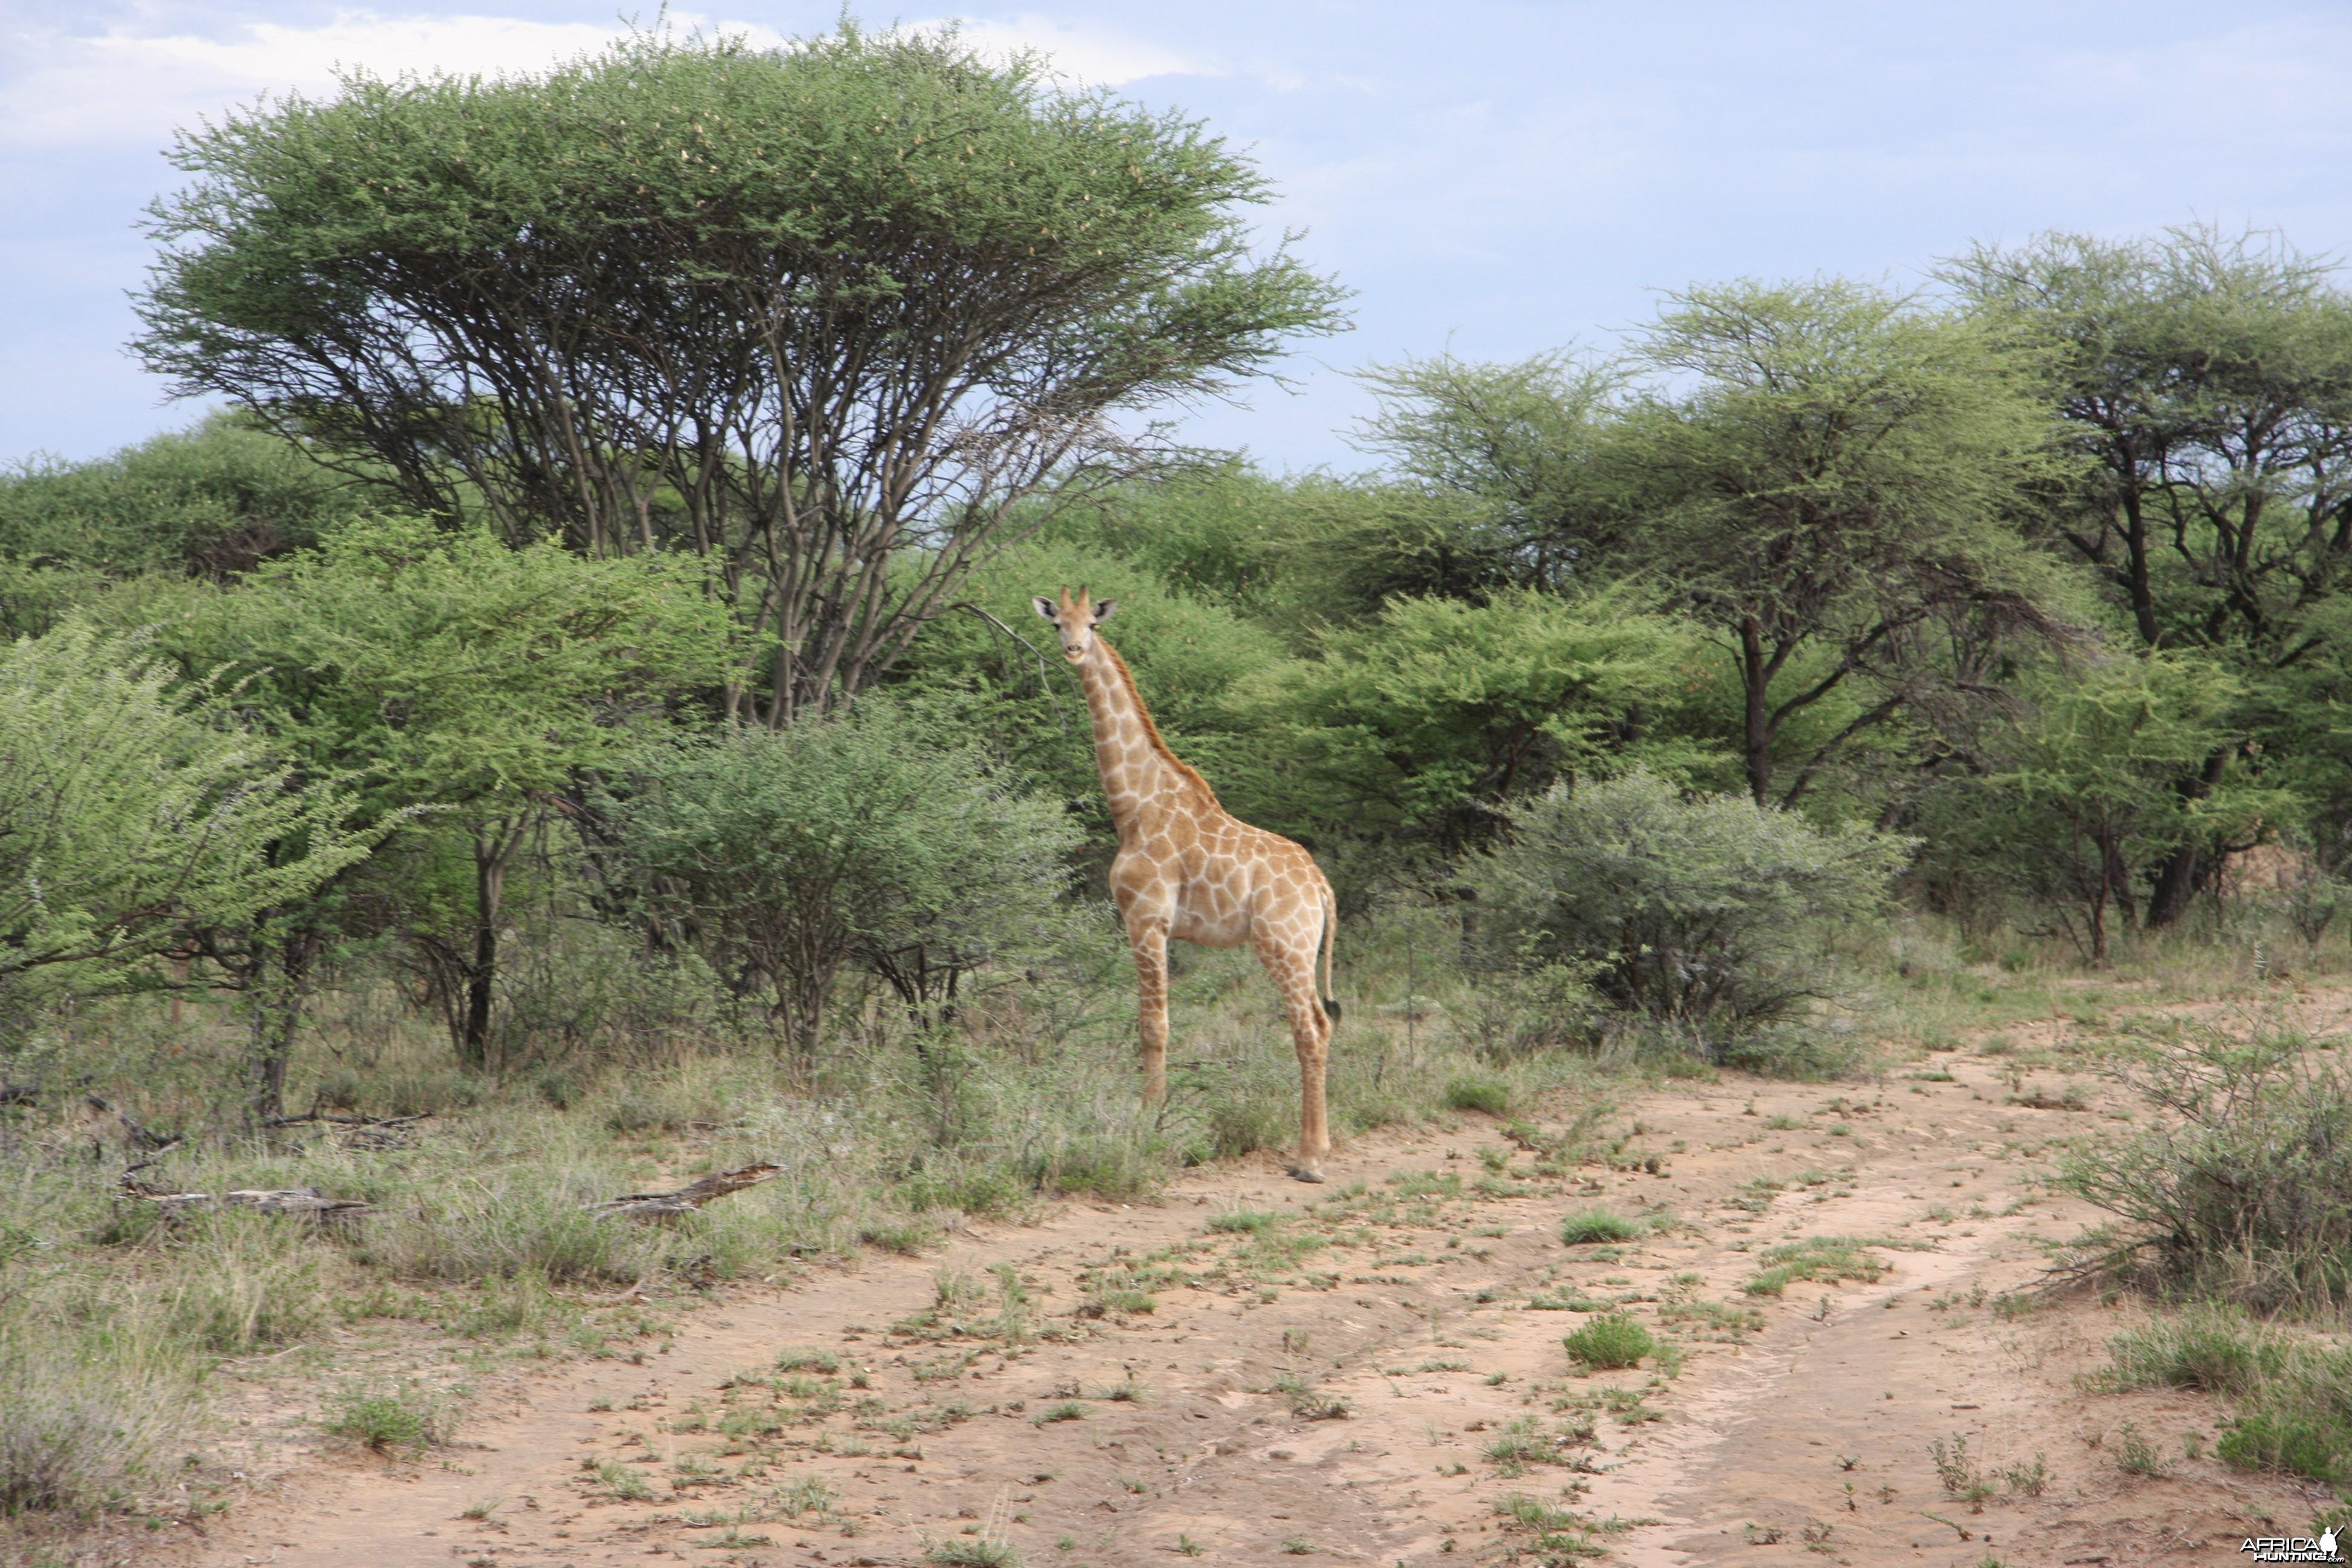 Young Giraffe Namibia